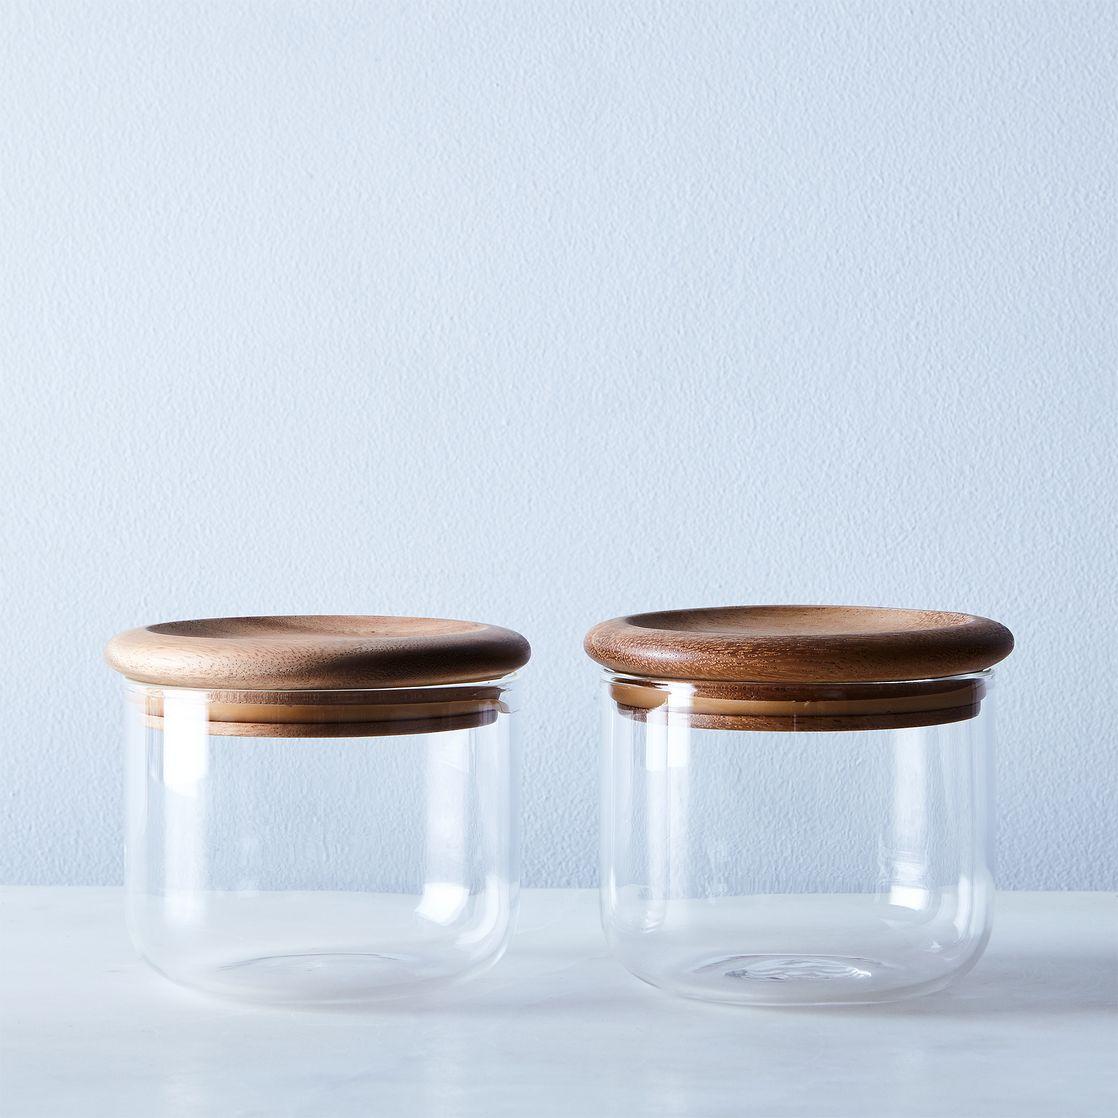 100 glass kitchen canisters airtight prepara evak push down glass kitchen canisters airtight baum glass wood airtight canisters set of 2 on food52